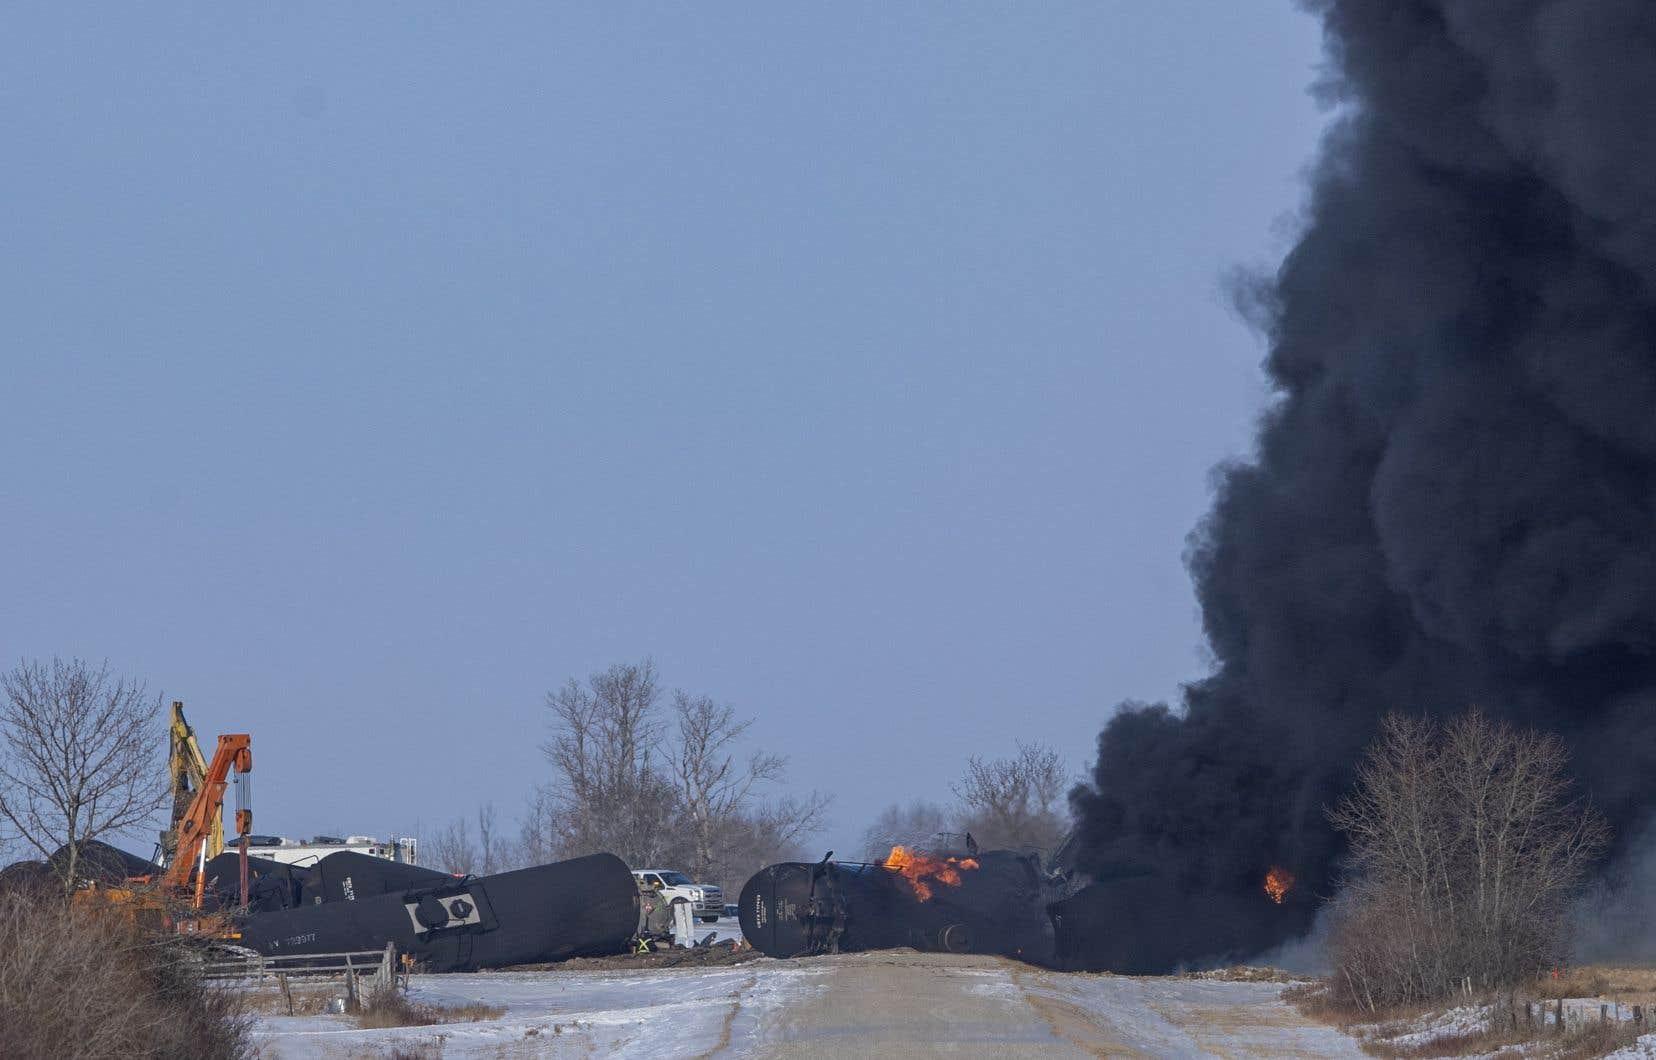 Environ 19 wagons d'un train du CP avaient déraillé dans la même zone en décembre, provoquant un important incendie et une fuite de 1,5million de litres de pétrole.